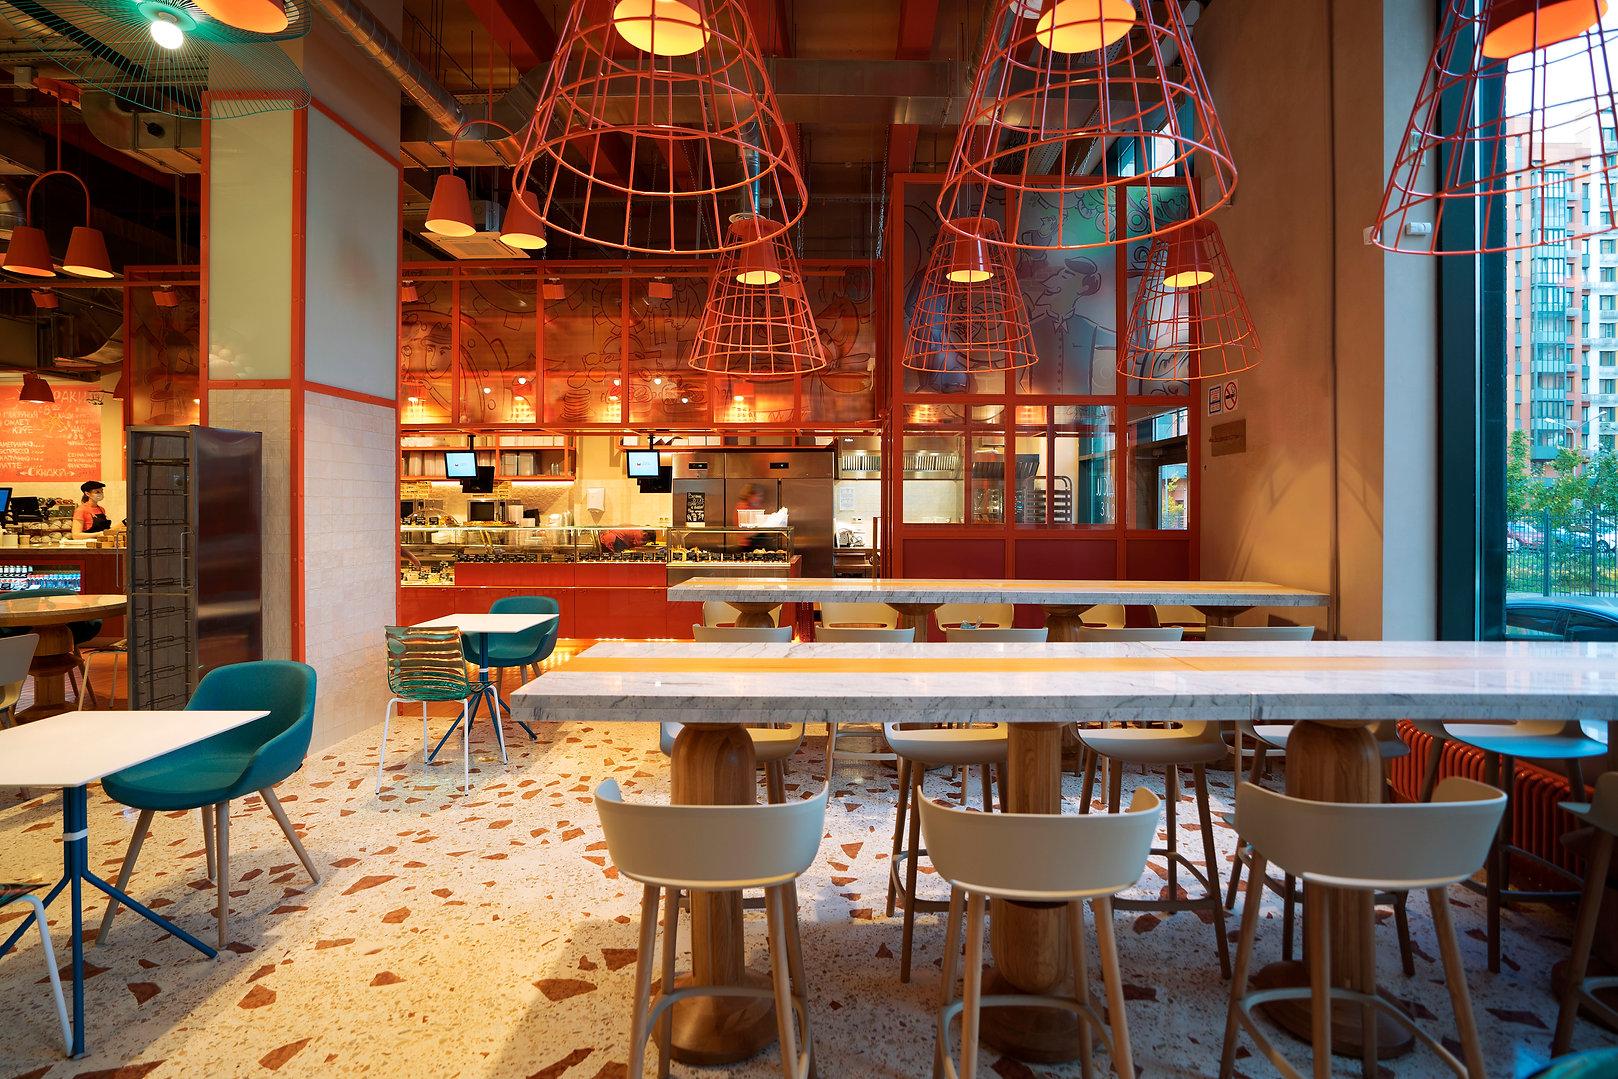 кулинарная мануфактура, братья караваевы, террацо москва, дизайн ресторана москва, кристина попова дизайнер